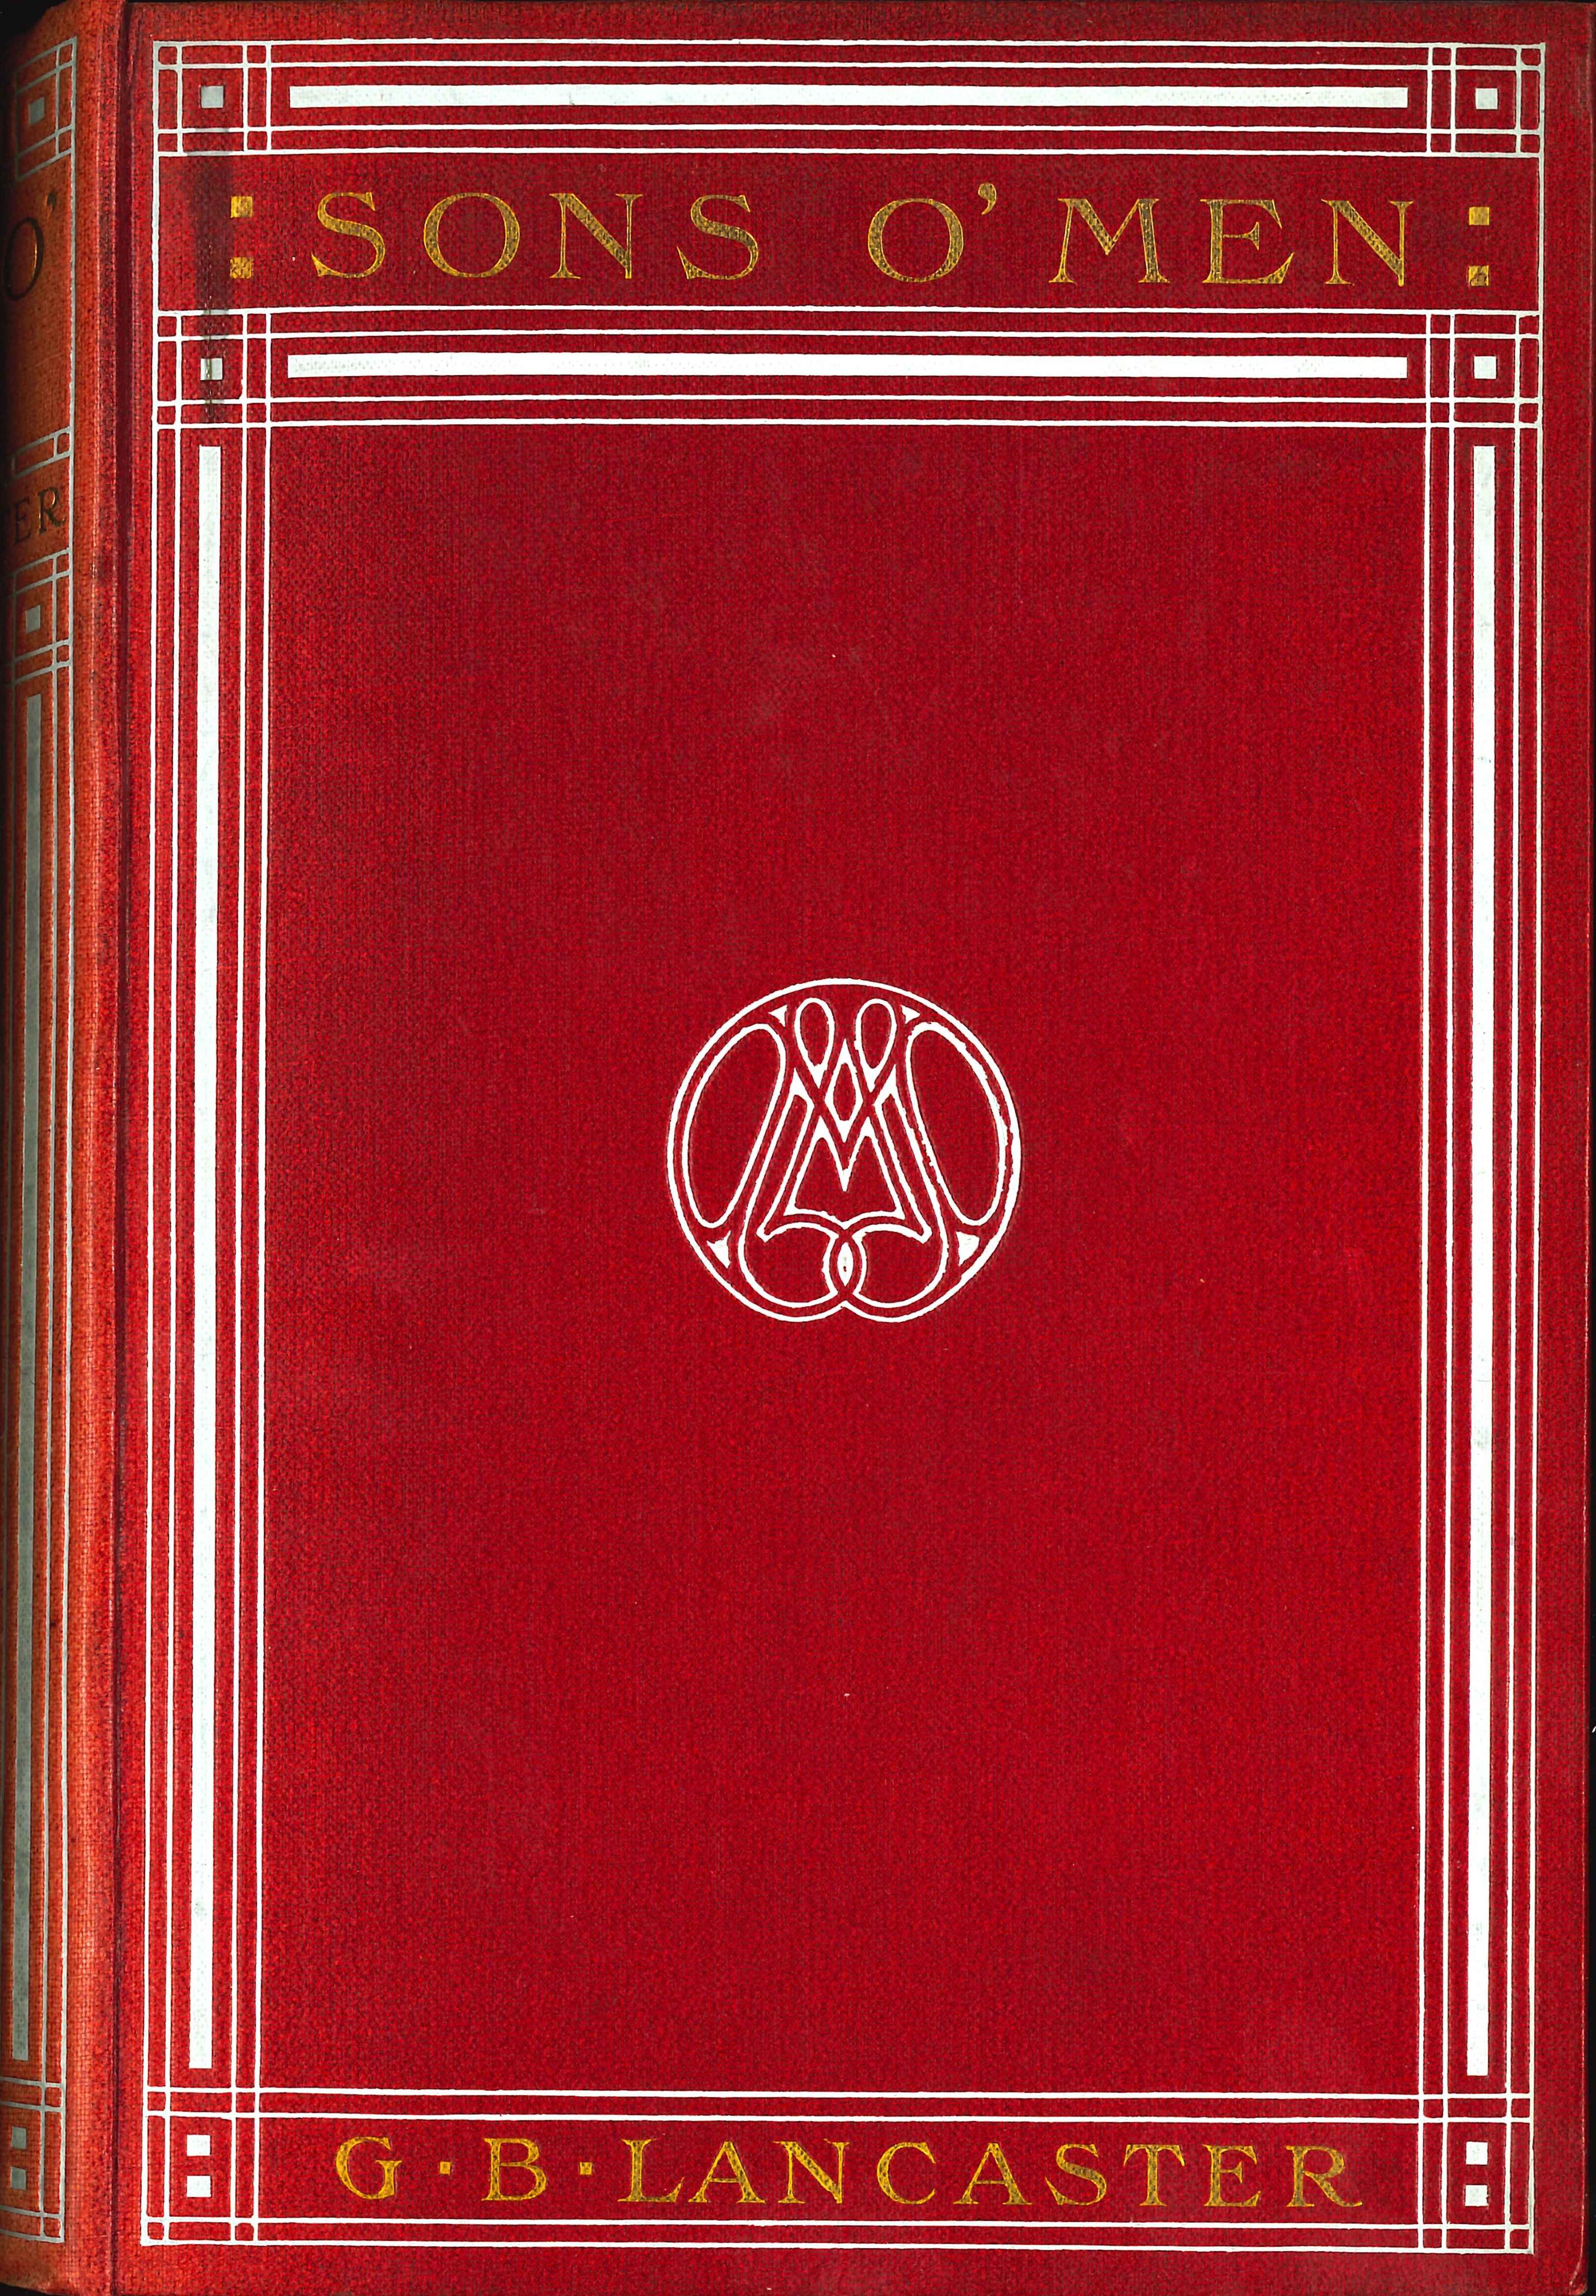 G.B. Lancaster. Sons o' men. London: Andrew Melrose, 1904.